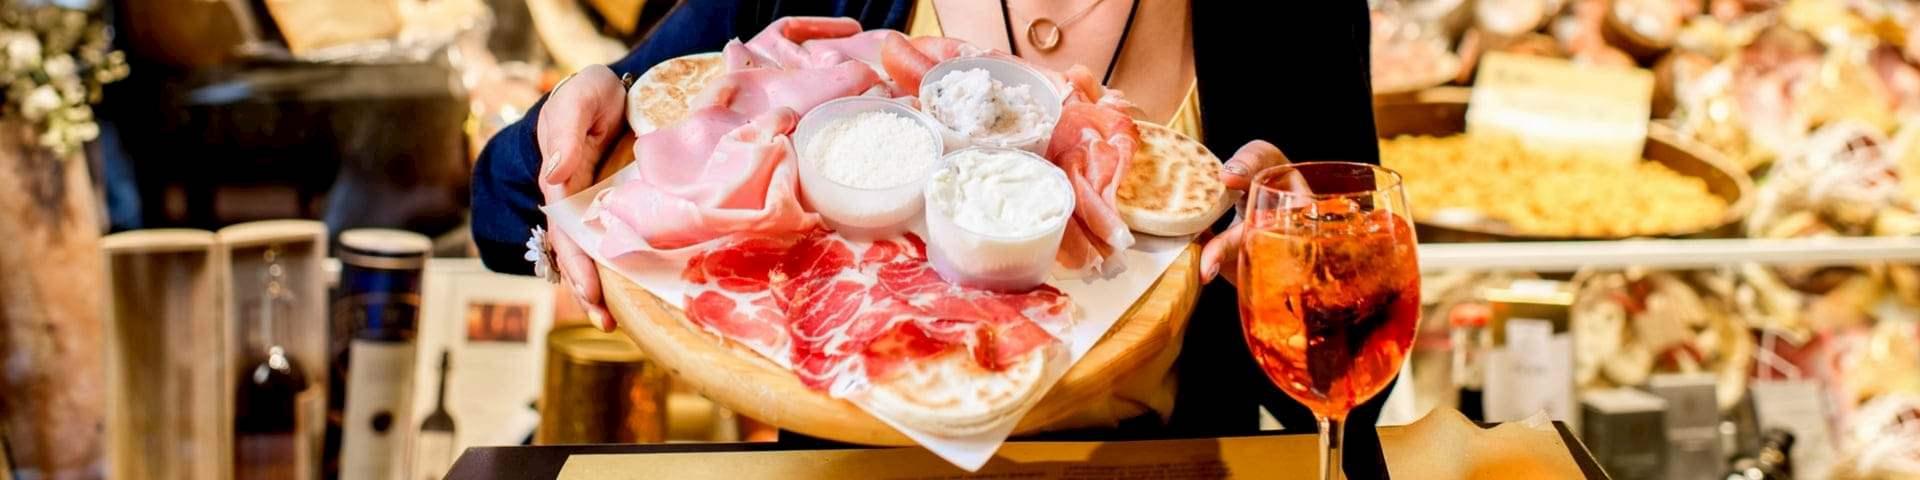 Food & Wine Tours in Milan